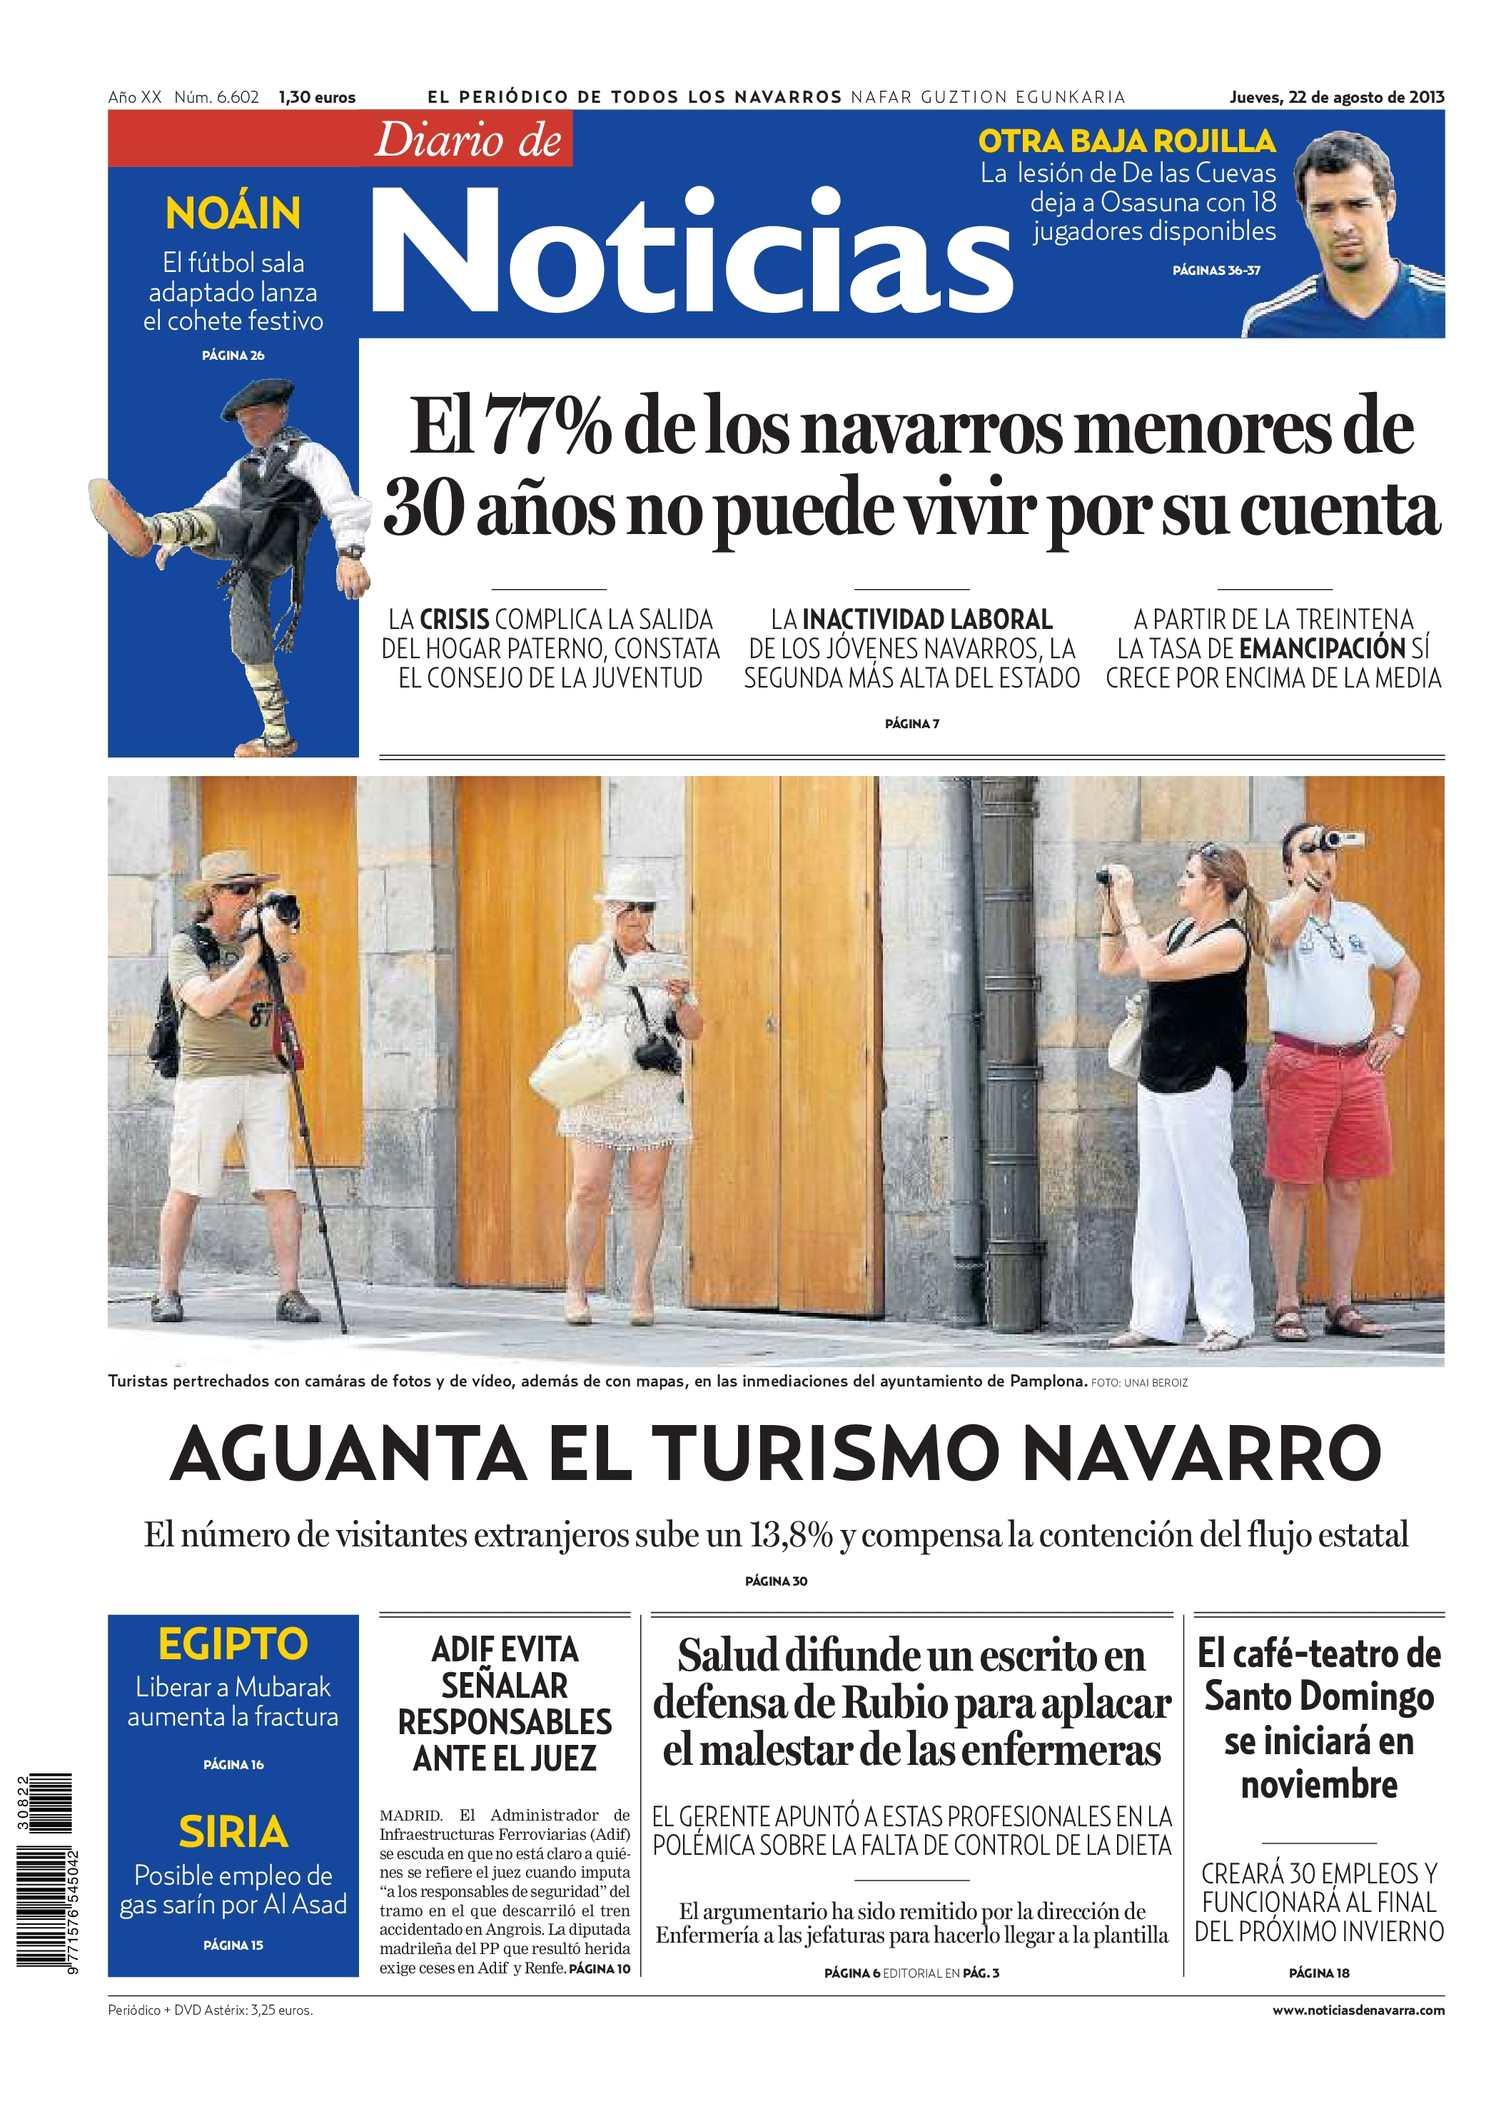 604ac6b5b8b Calaméo - Diario de Noticias 20130822